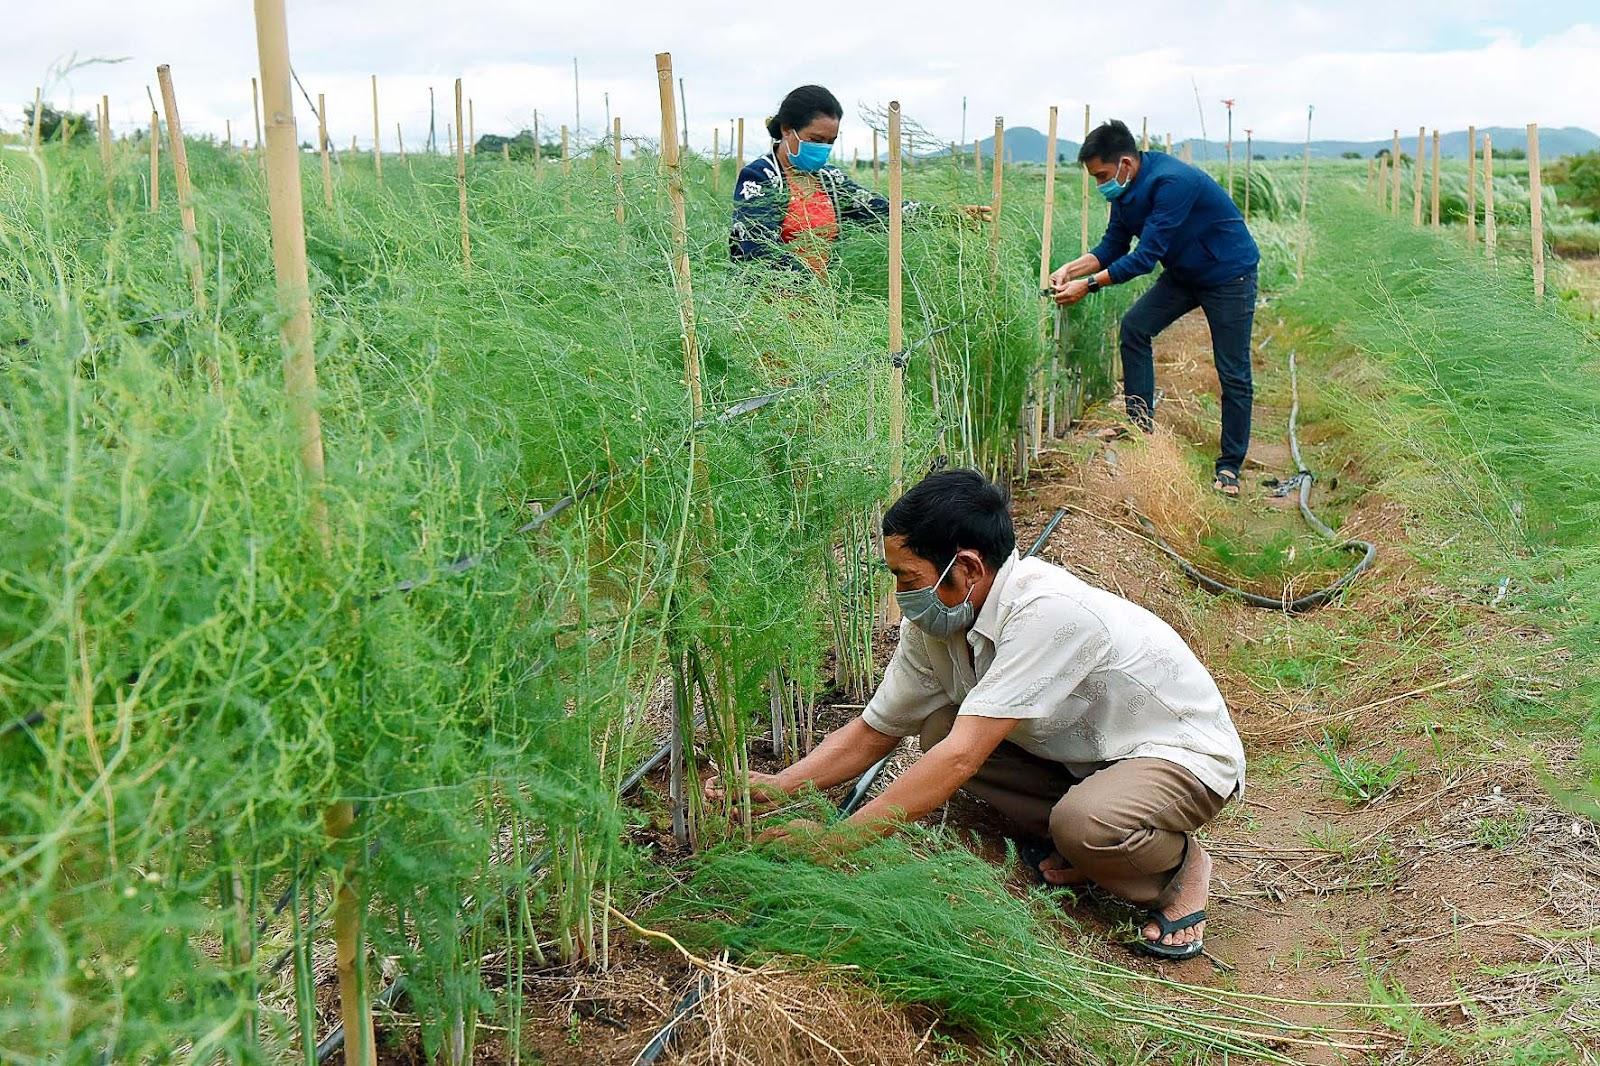 7.Dự án hỗ trợ mỗi hộ gia đình 660 cây giống măng tây và hệ thống tưới tiết kiệm với giá trị khoảng 2,5 triệu đồng.